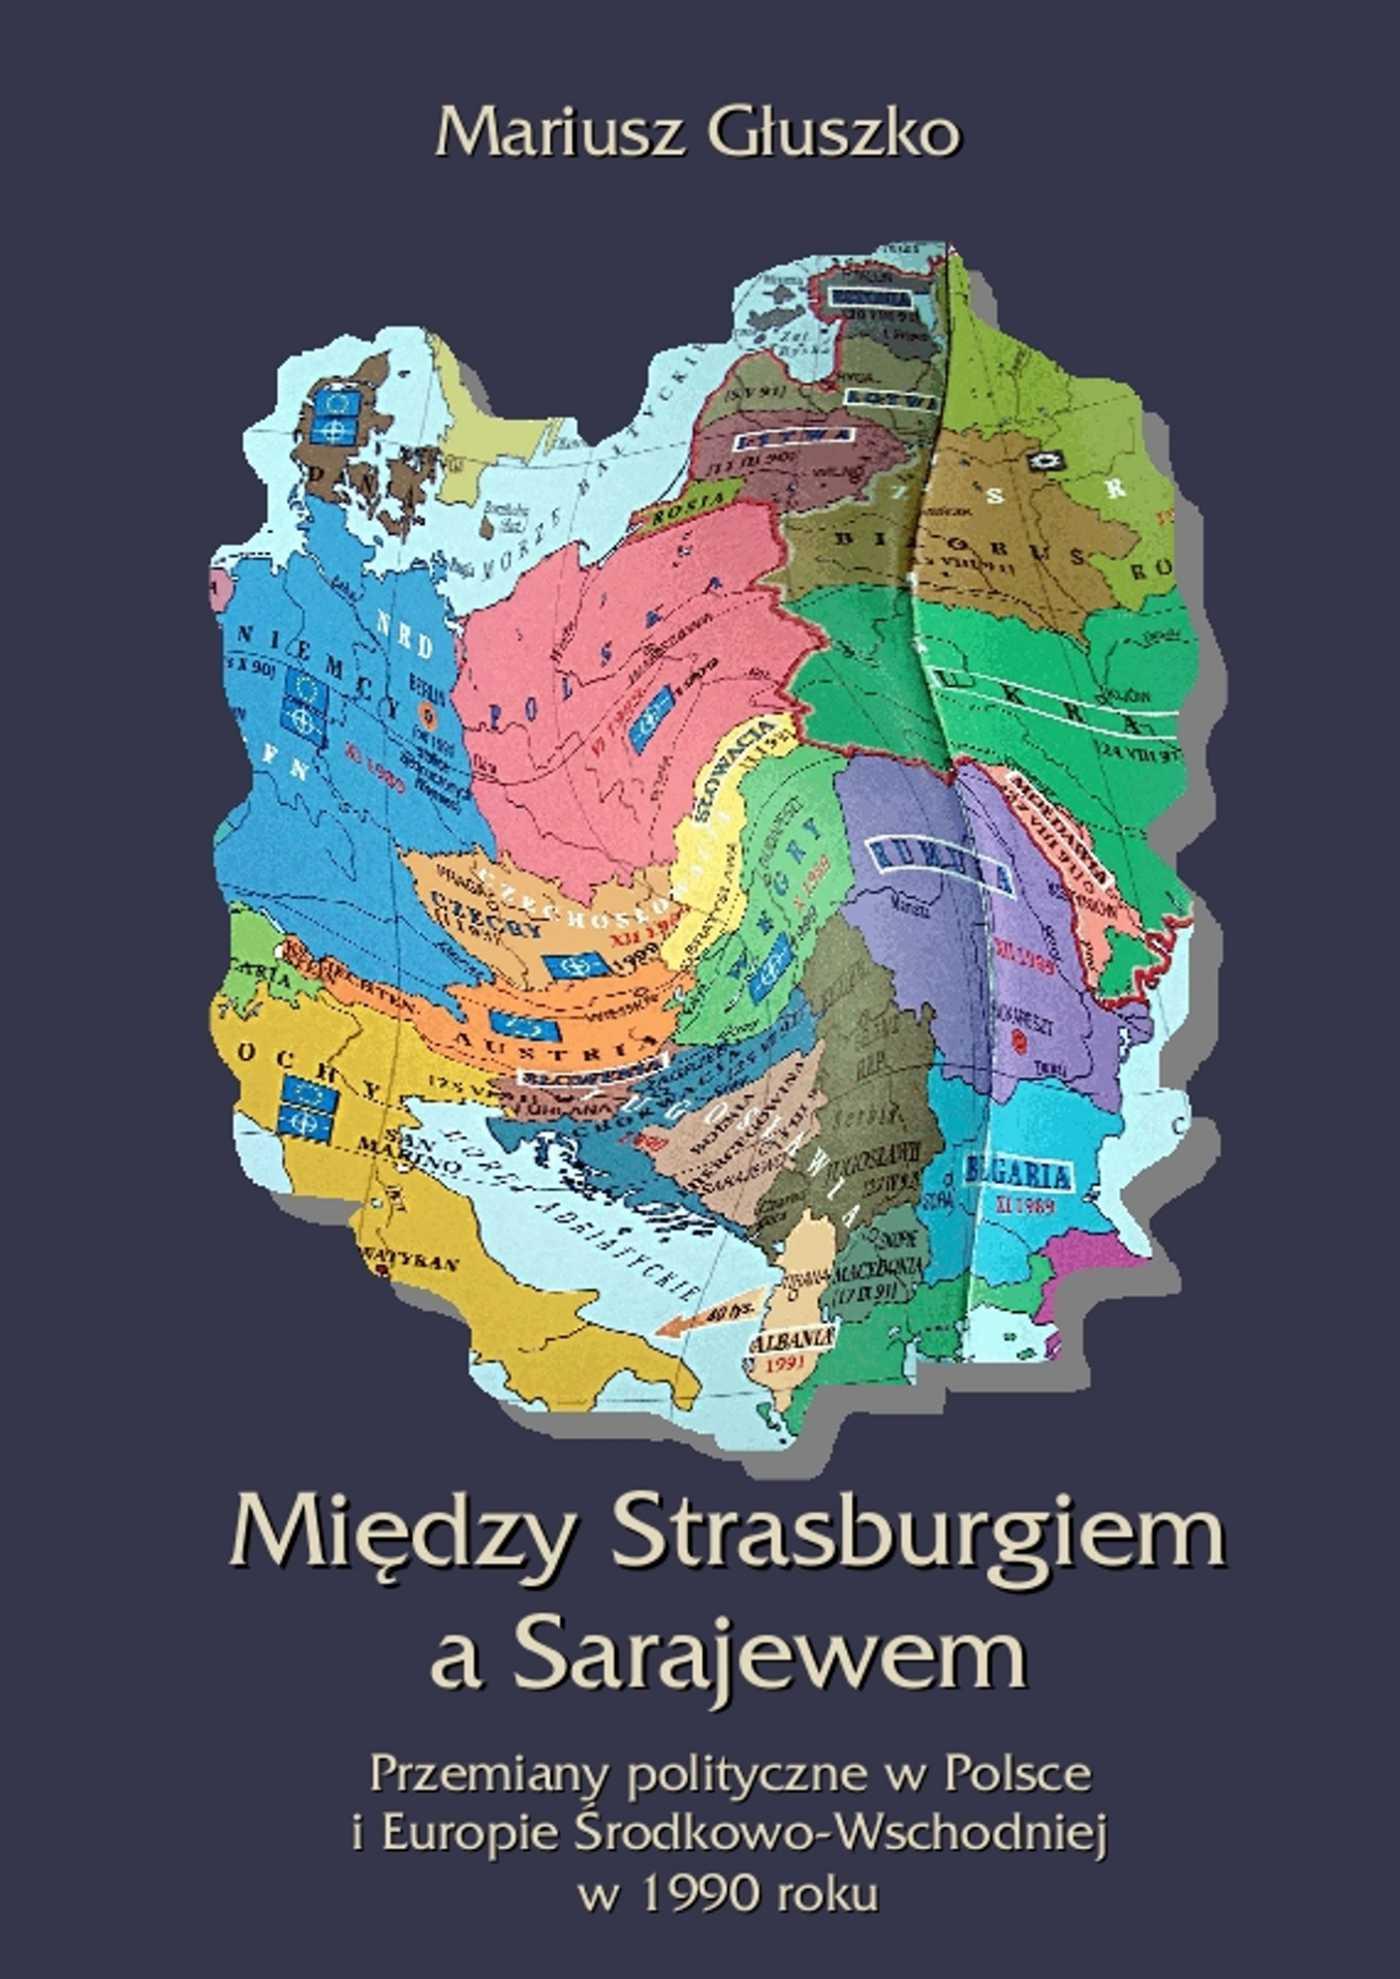 Między Strasburgiem a Sarajewem. Przemiany polityczne w Polsce i Europie Środkowo-Wschodniej w 1990 roku - Ebook (Książka EPUB) do pobrania w formacie EPUB